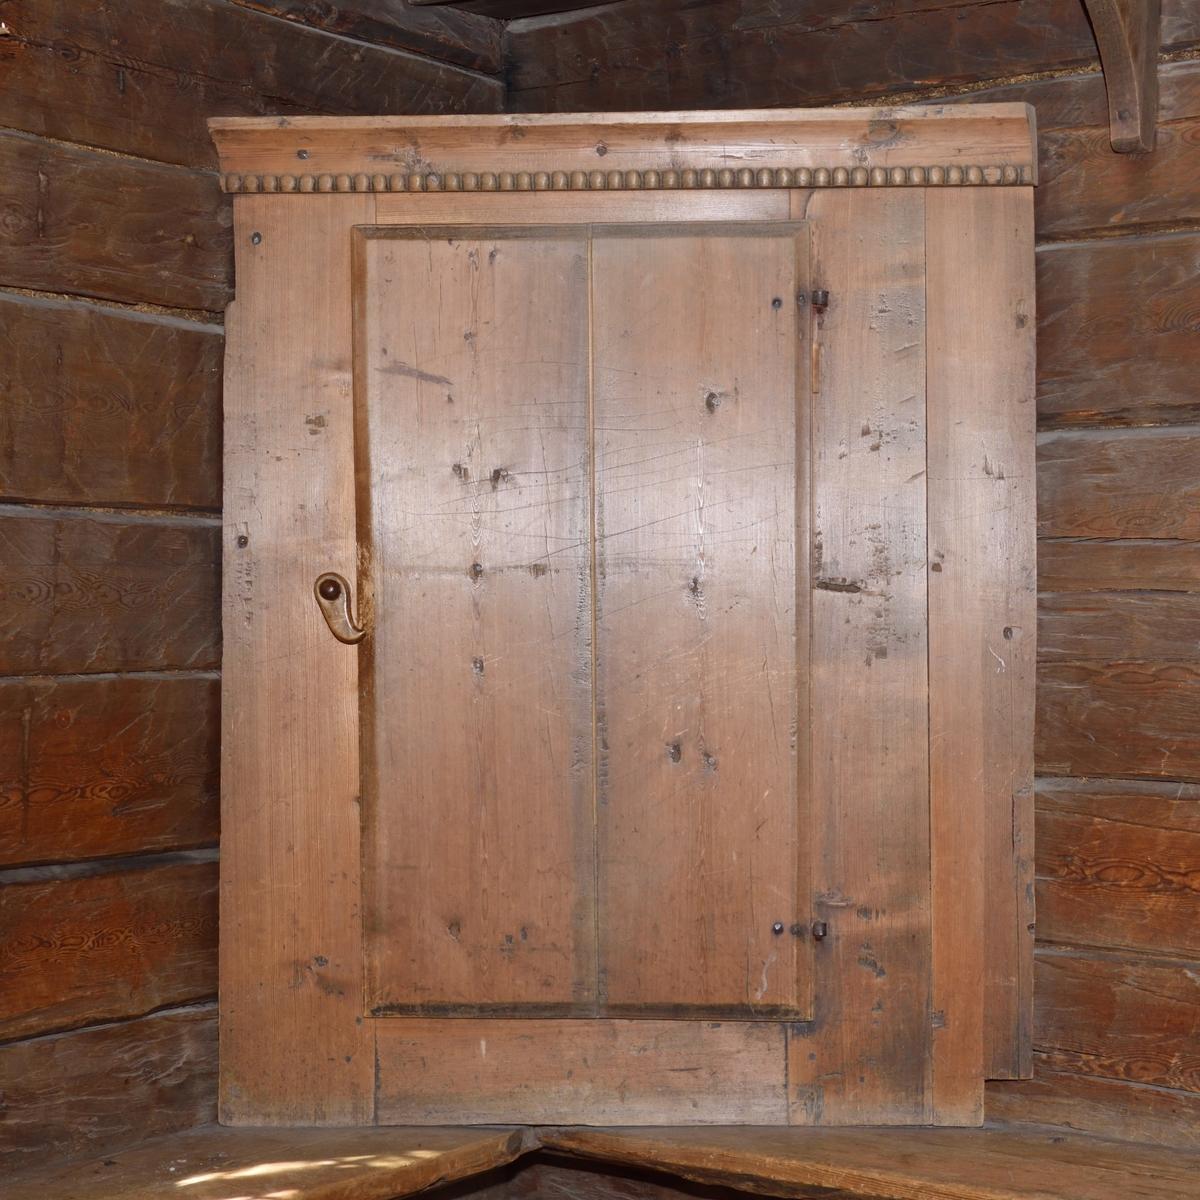 Hörnskåp av trä med bred dörr. Stänges med vridregel av trä. Gångjärn av metall. Avslutas upptill med skuren pärlstav. Invändigt ett hyllplan. Saknar bakstycken och botten, direkt monterad mot vägg.